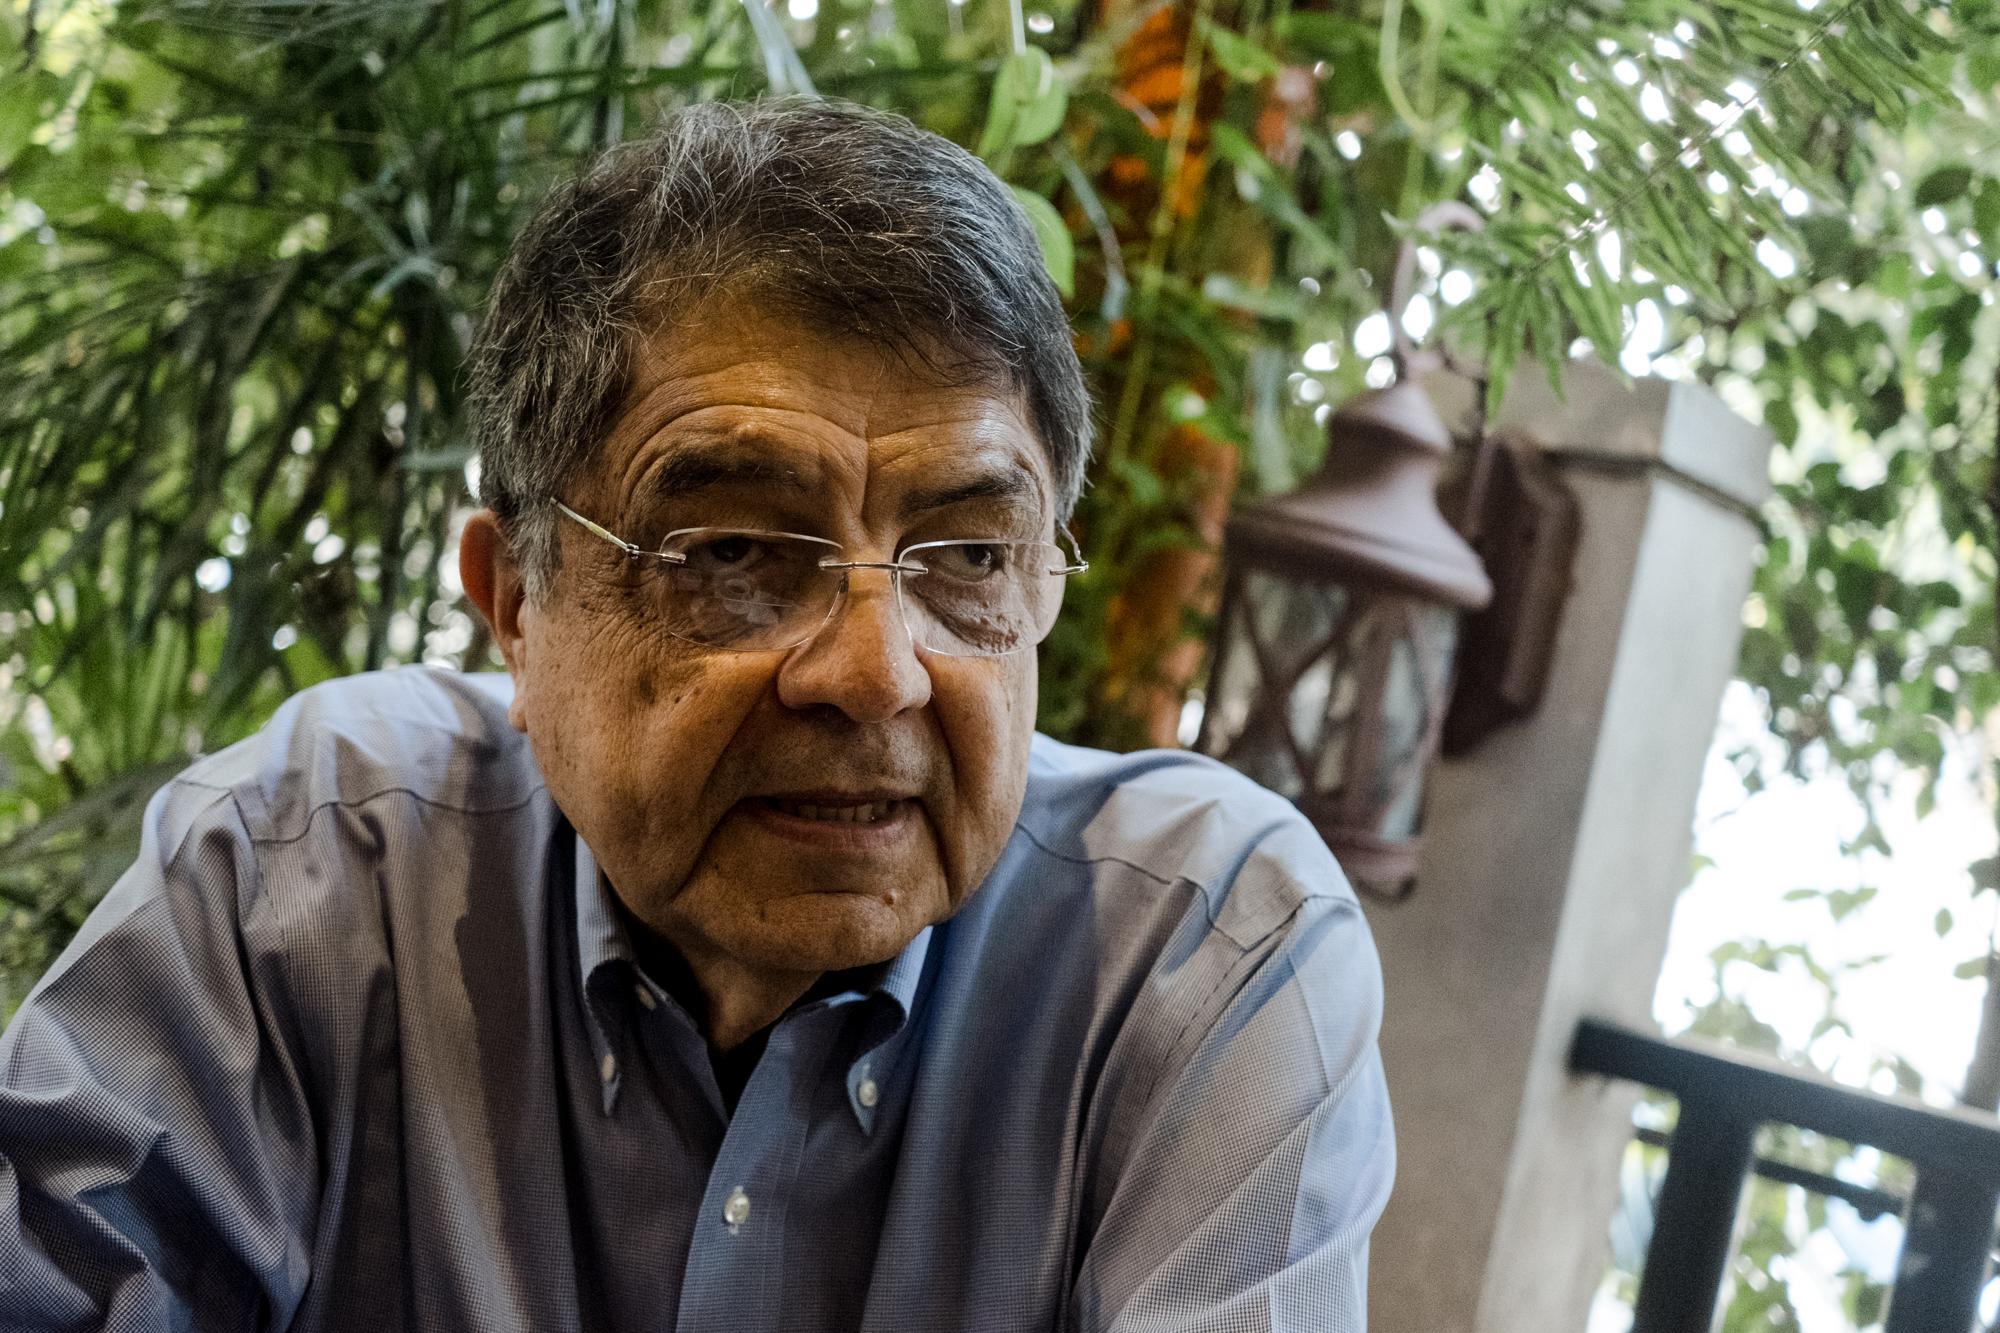 Sergio Ramírez es una de las voces intelectuales de mayor peso en Nicaragua. Crítico del régimen de Ortega, plantea con pesimismo que no se ve una salida a la crisis. Foto: Fred Ramos